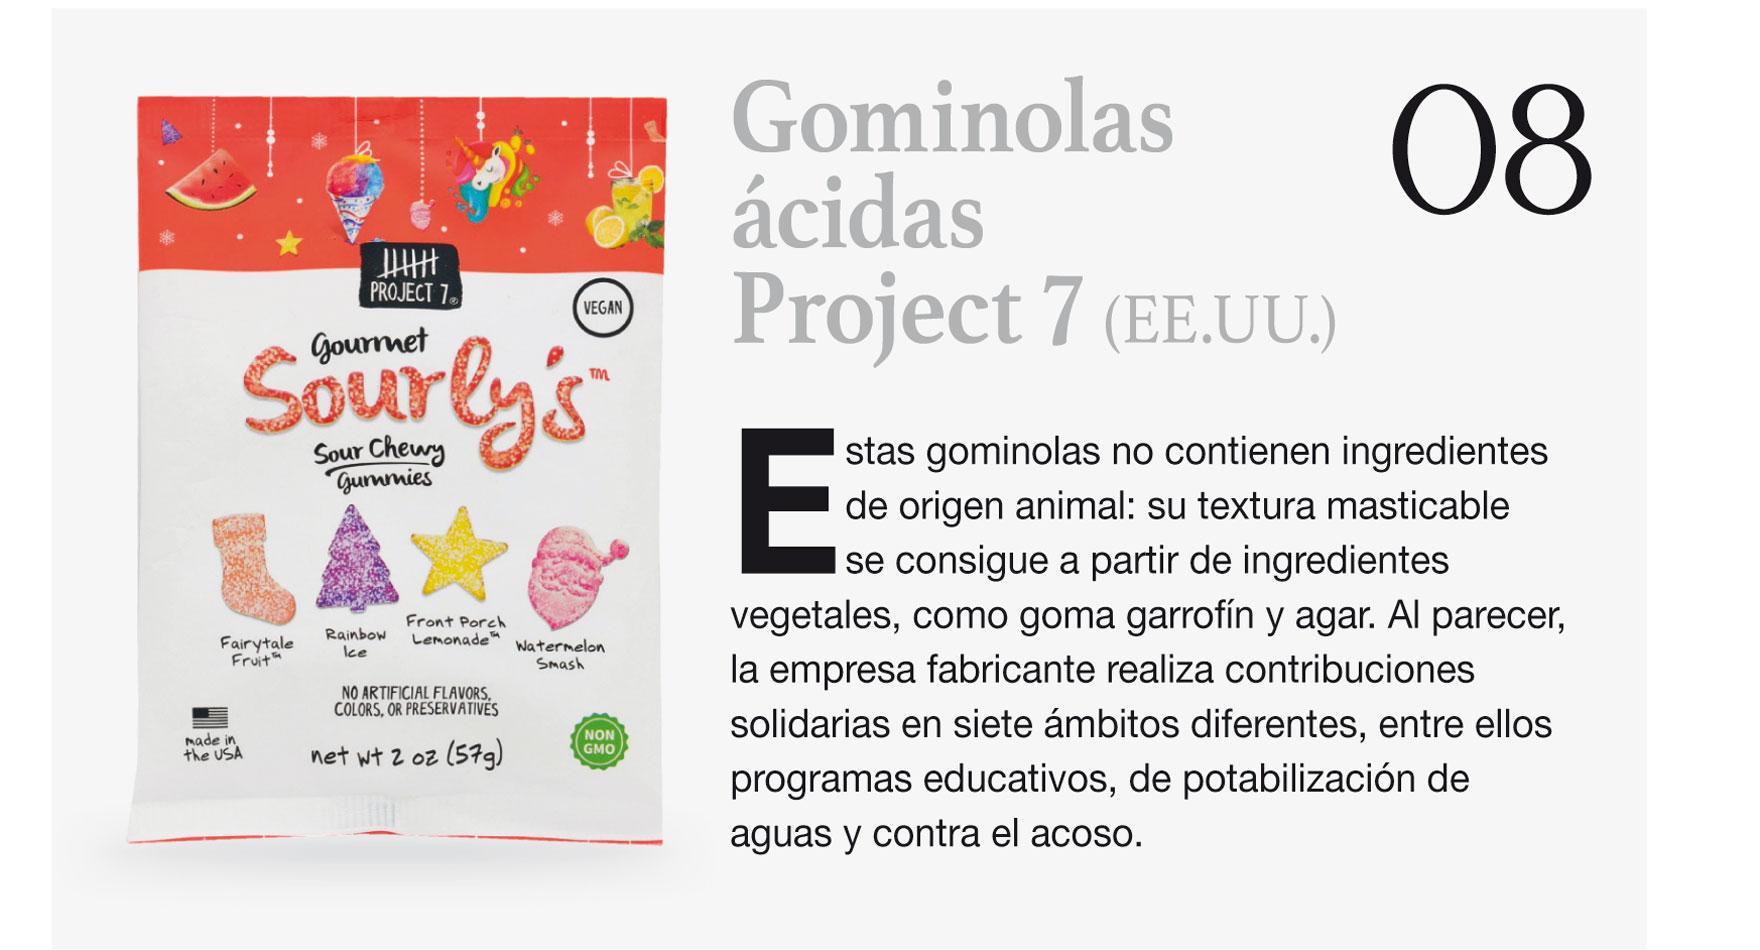 Gominolas ácidas Project 7 (EE.UU.)